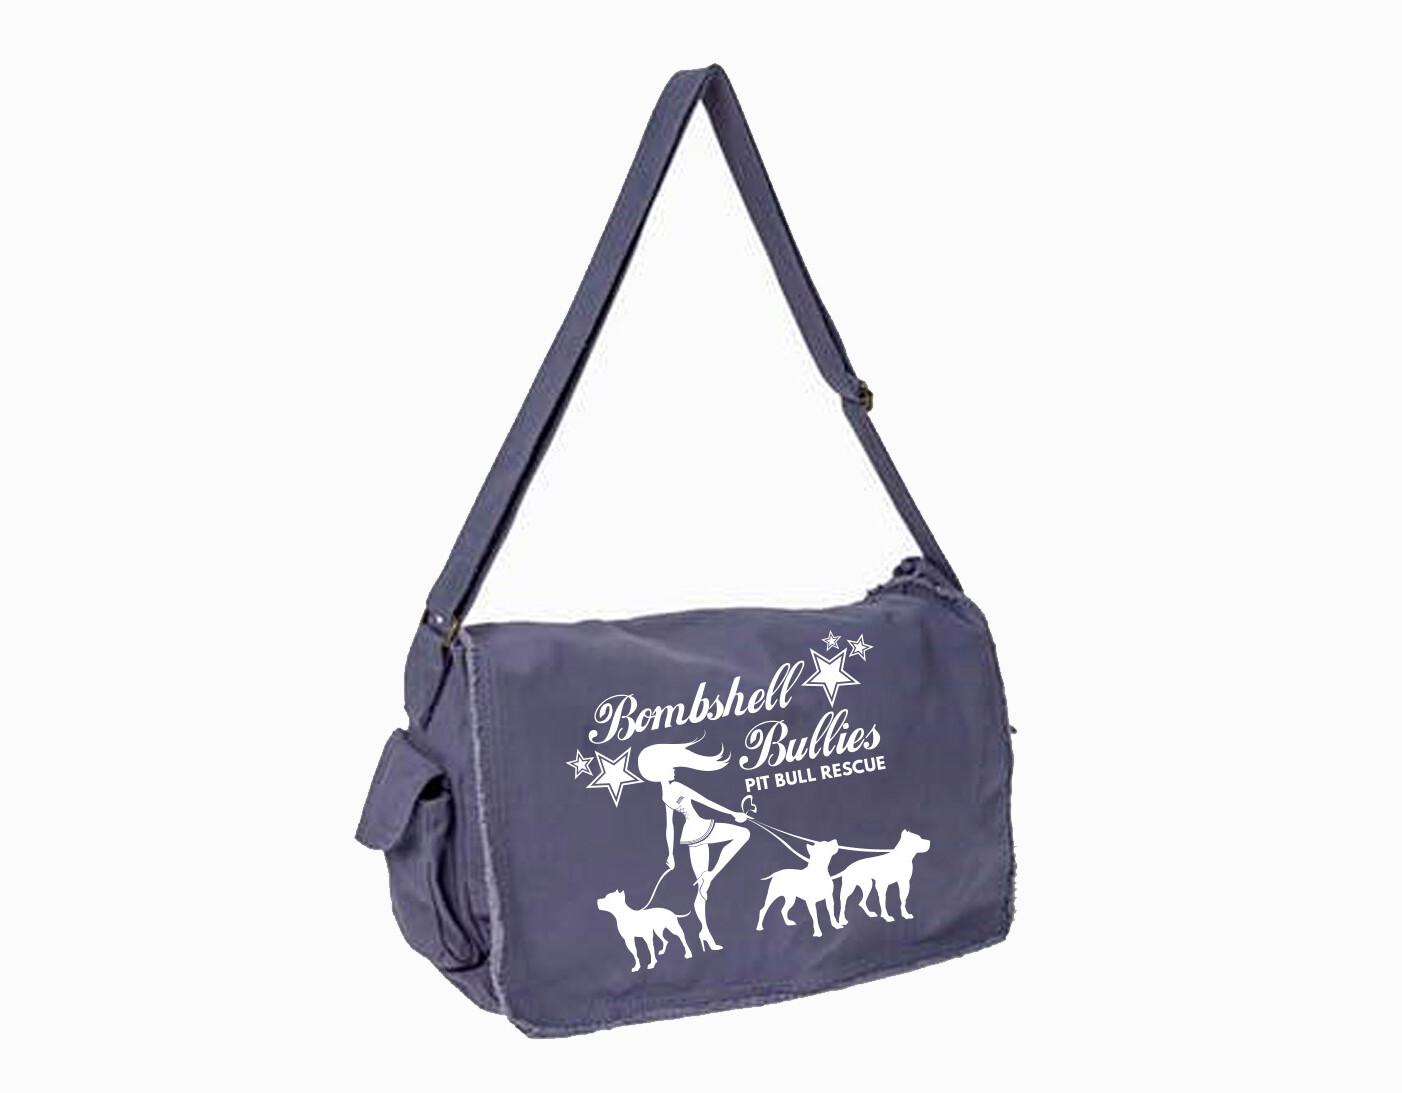 Bombshell Messenger Bag